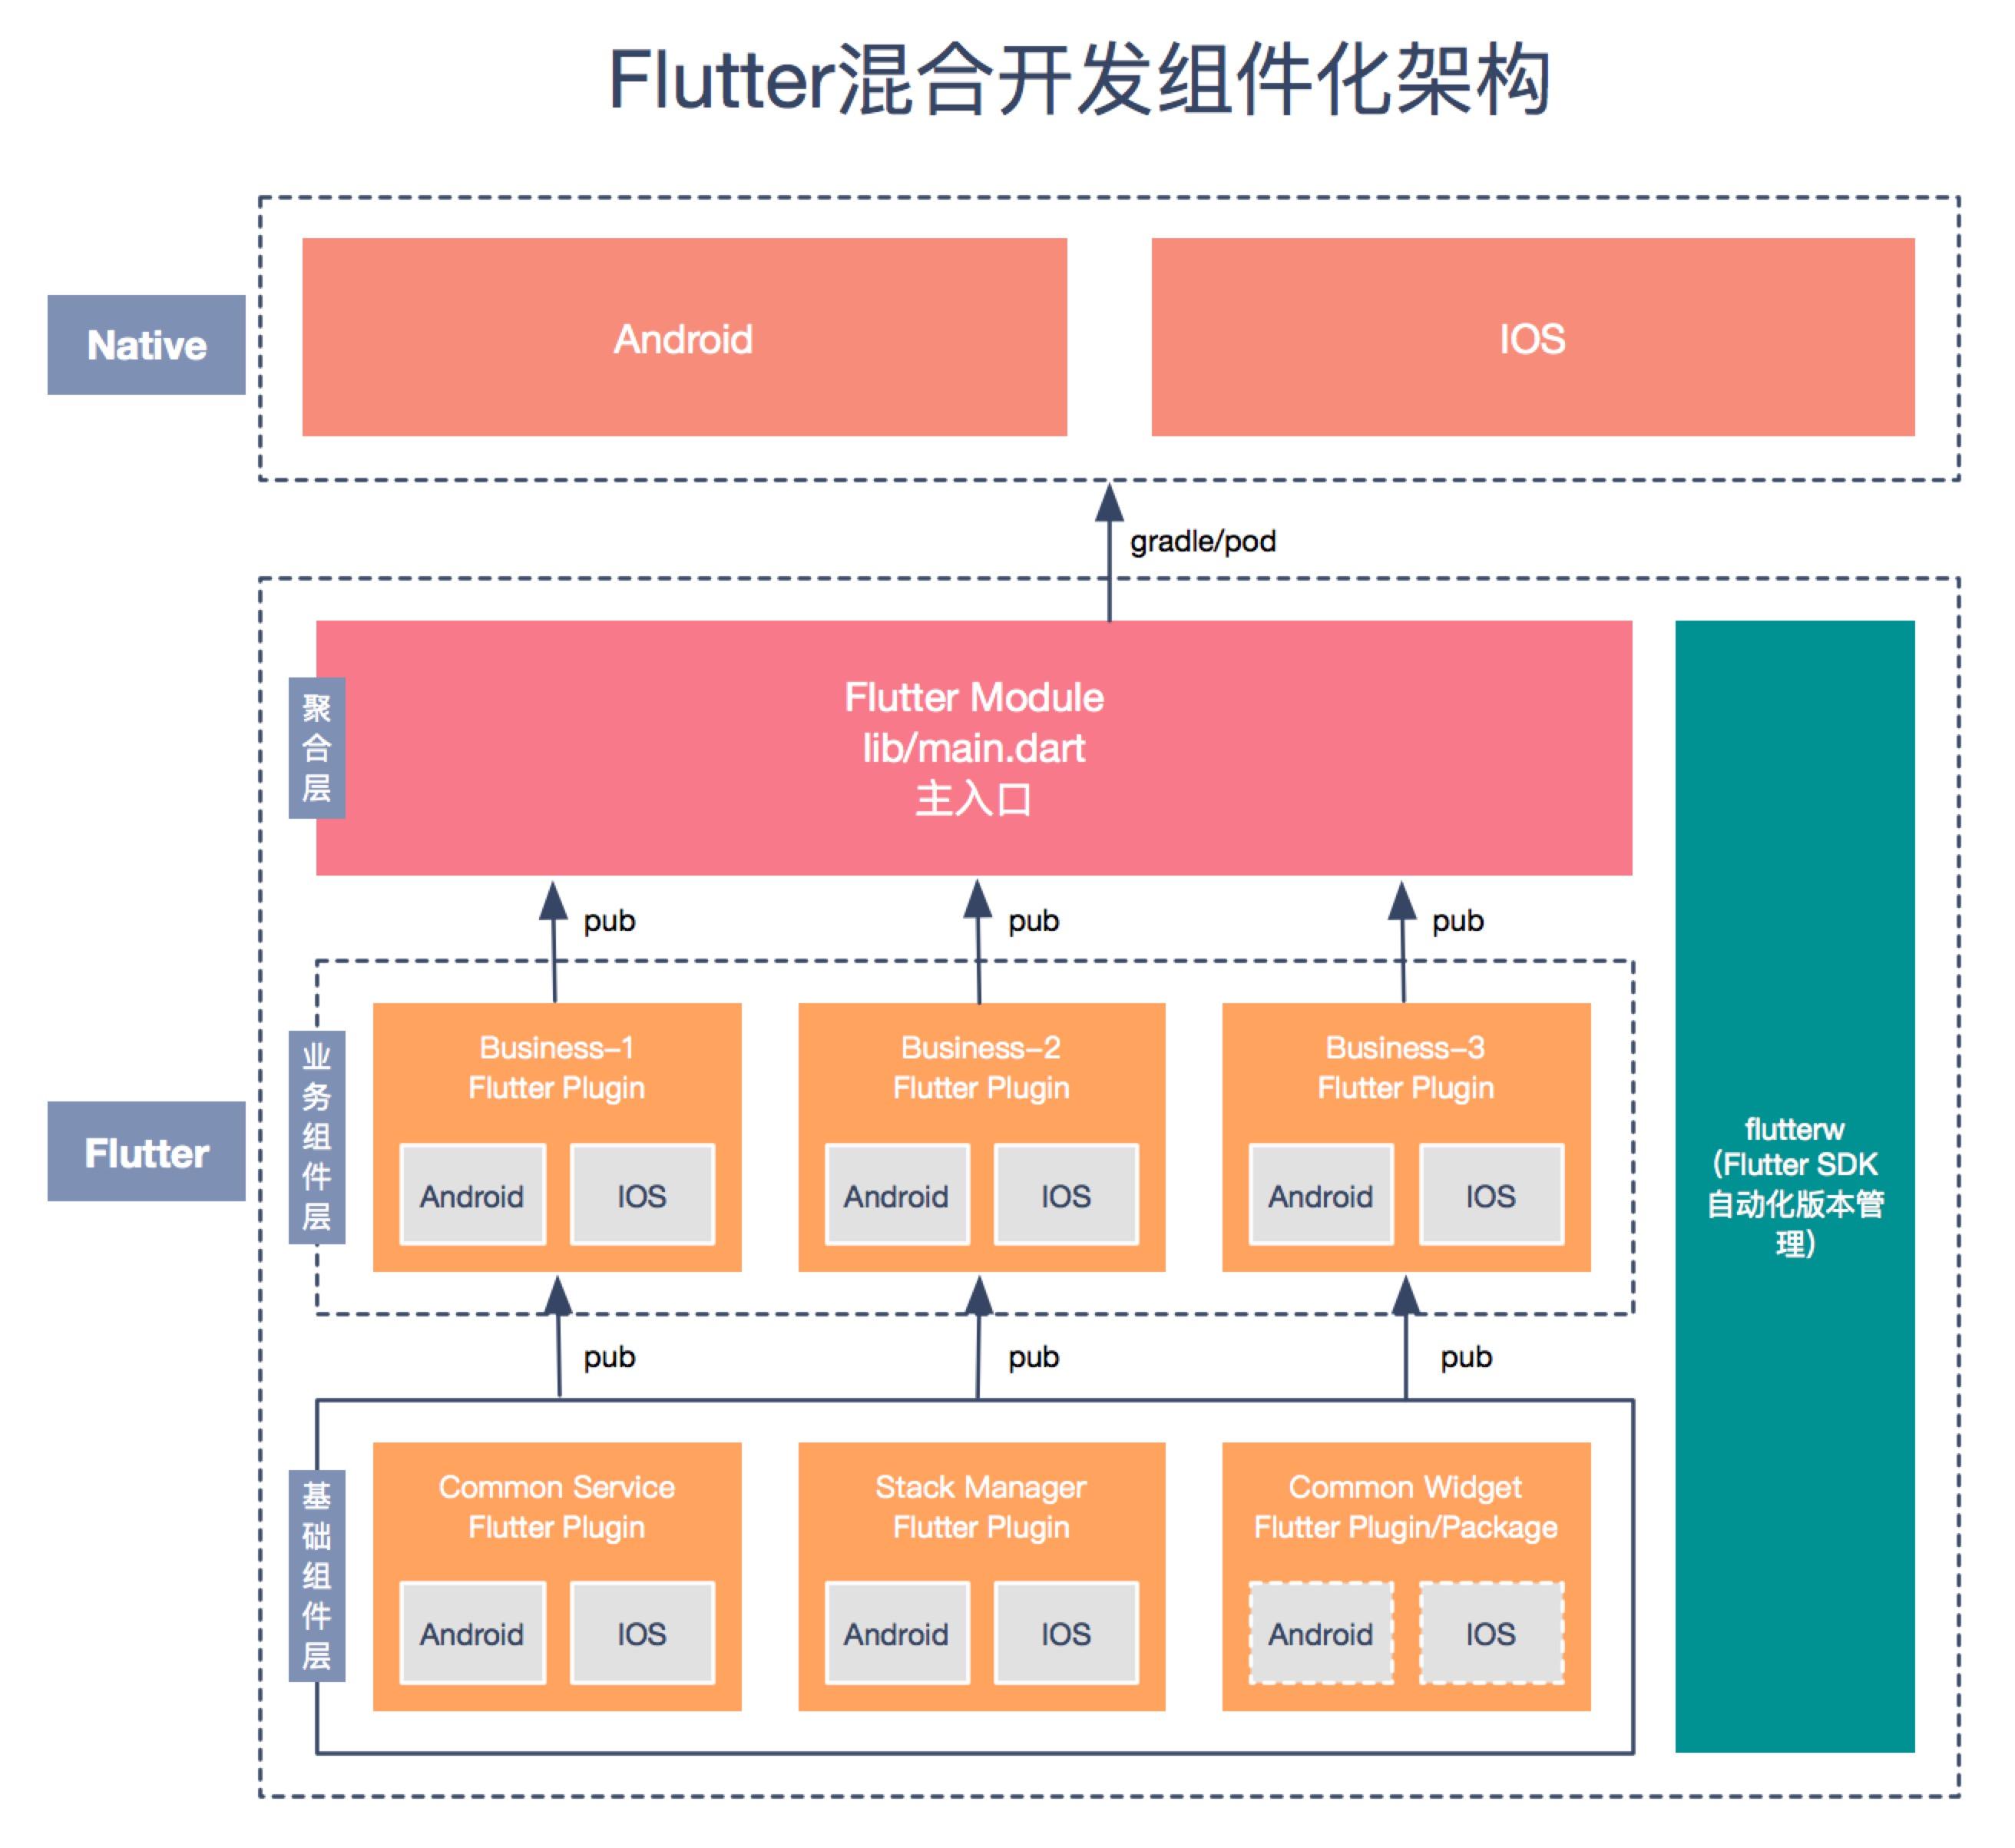 flutter_hybrid_arch: 出自hengxiaoyong.com